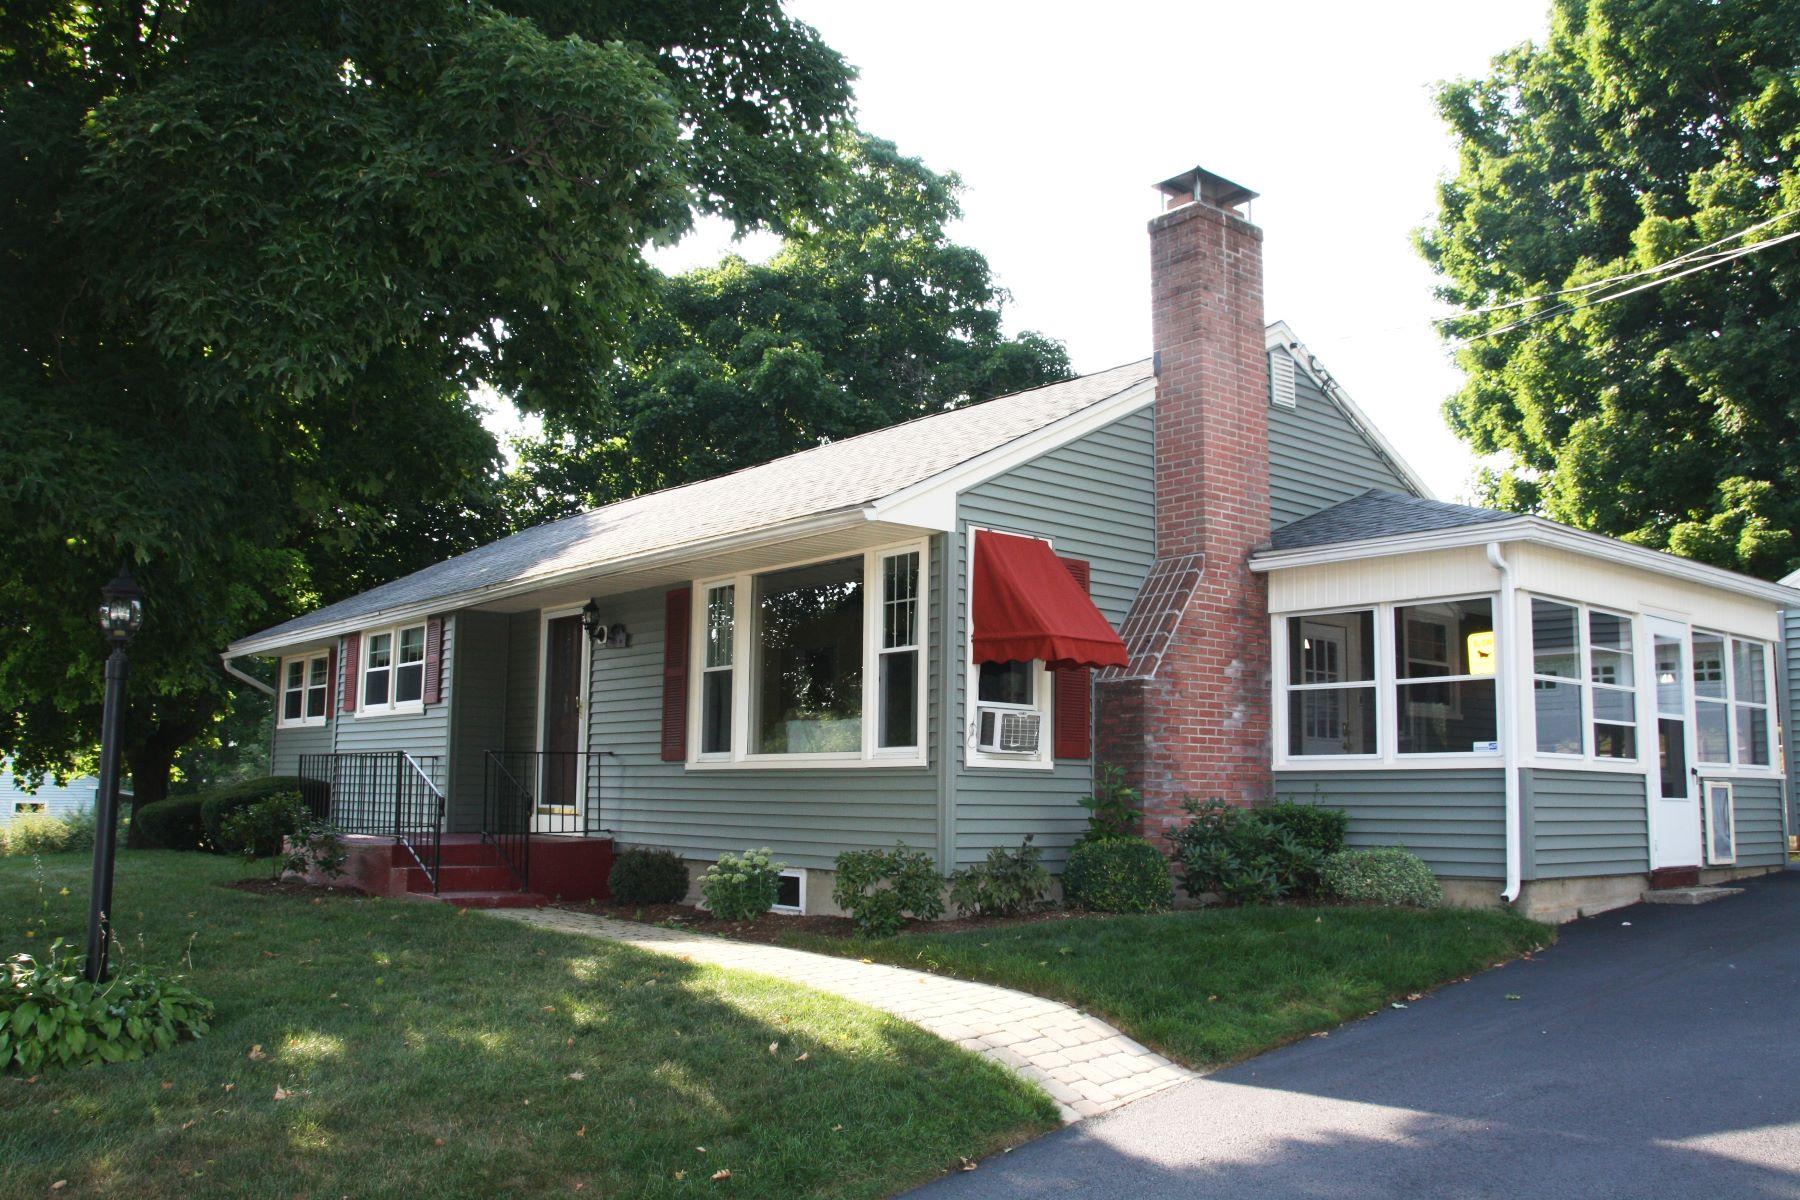 Частный односемейный дом для того Продажа на one level living 35 Easterly Ave, Rutland, Вермонт, 05701 Соединенные Штаты